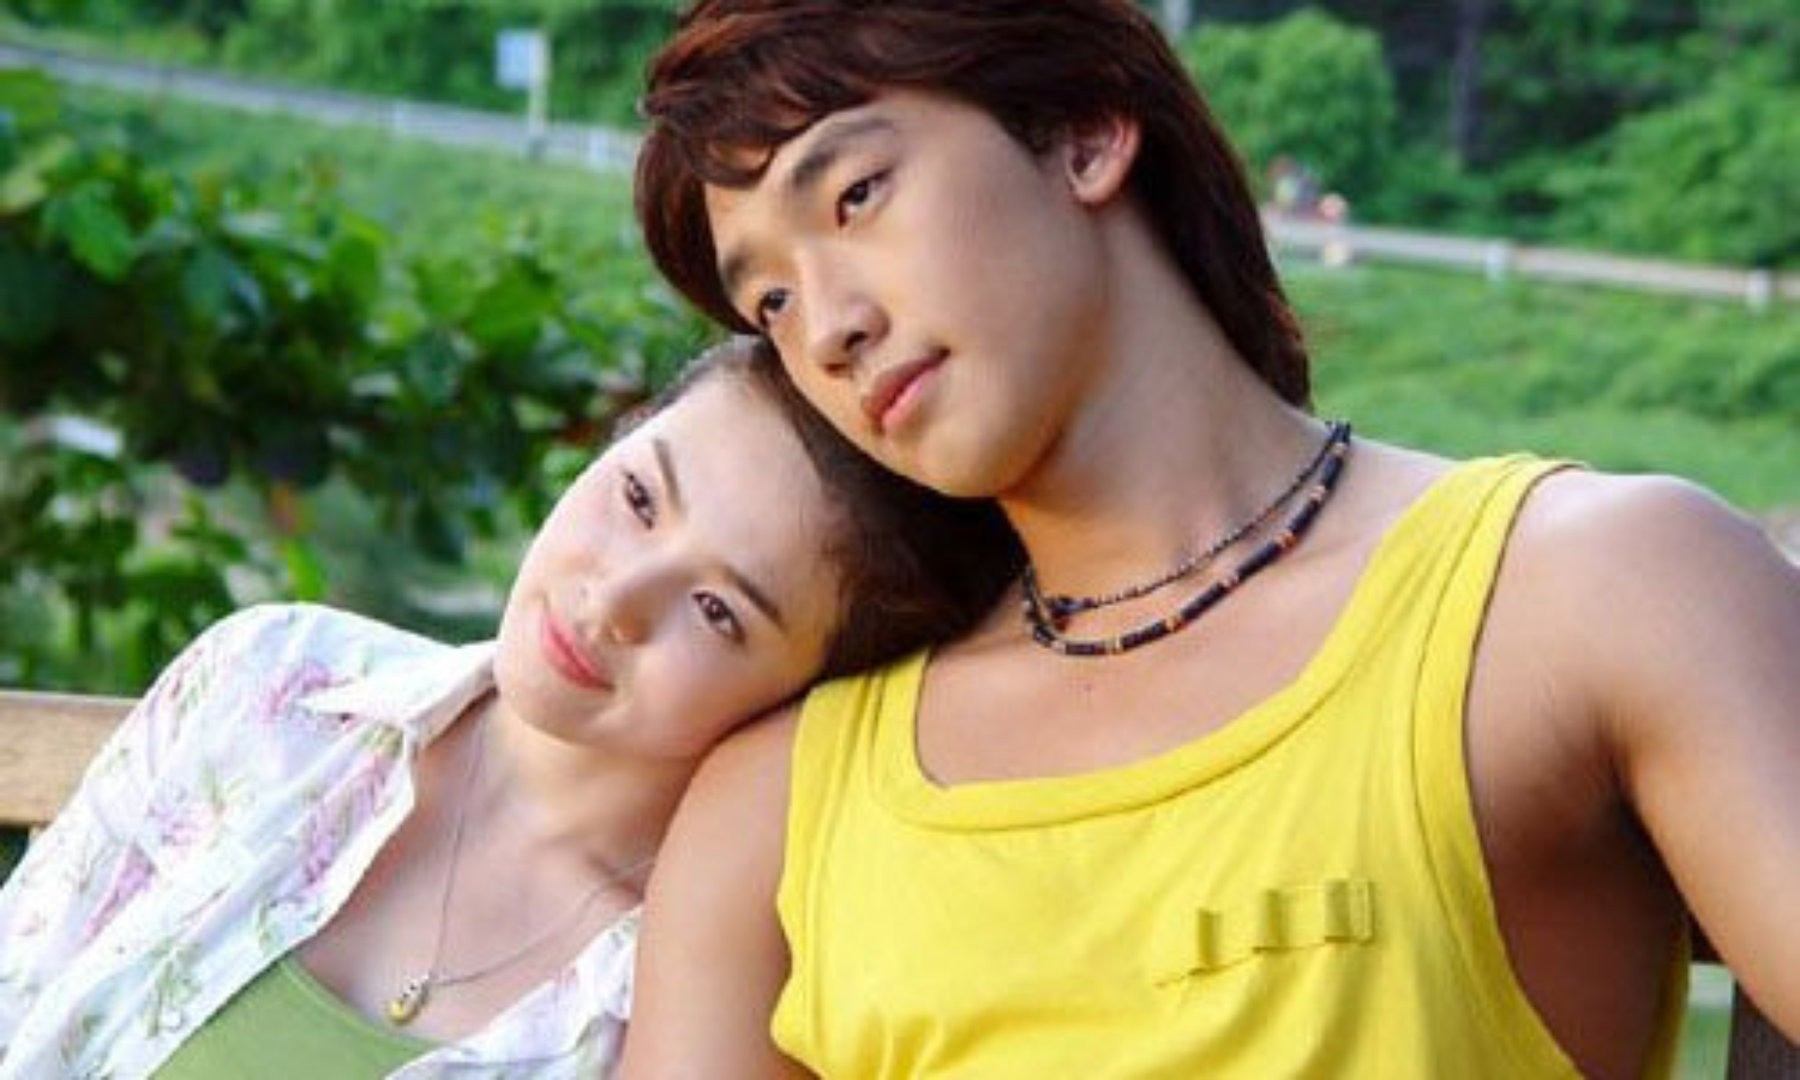 Song Hye Kyo: Ngọc nữ mệnh khổ nhất showbiz Hàn, yêu hết mình nhưng chỉ nhận về trái đắng  - Ảnh 13